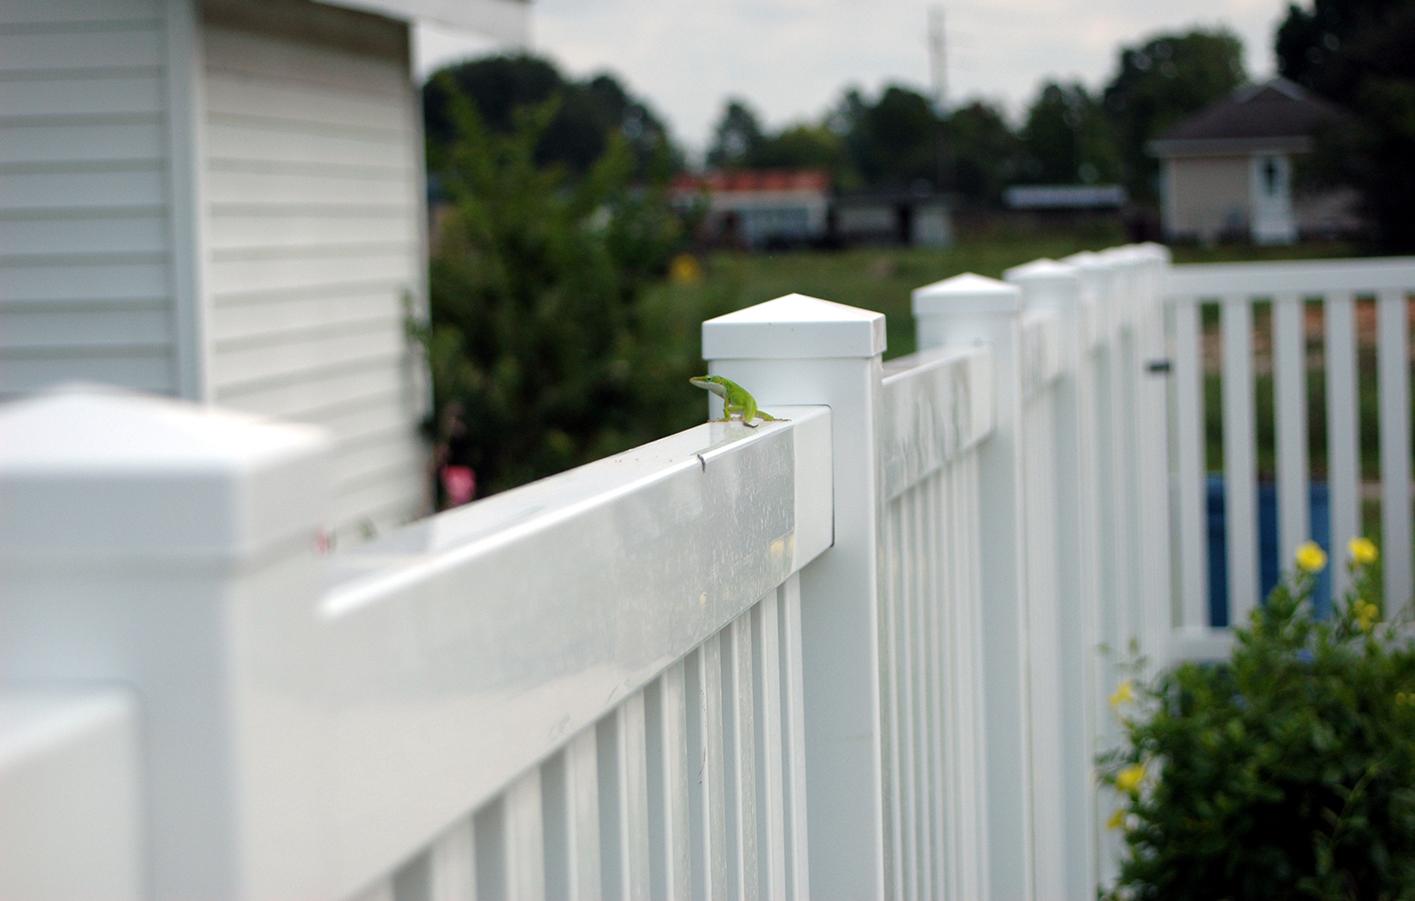 Stunning Sichtschutzzaun Aus Kunststoff Gute Alternative Holzzaun